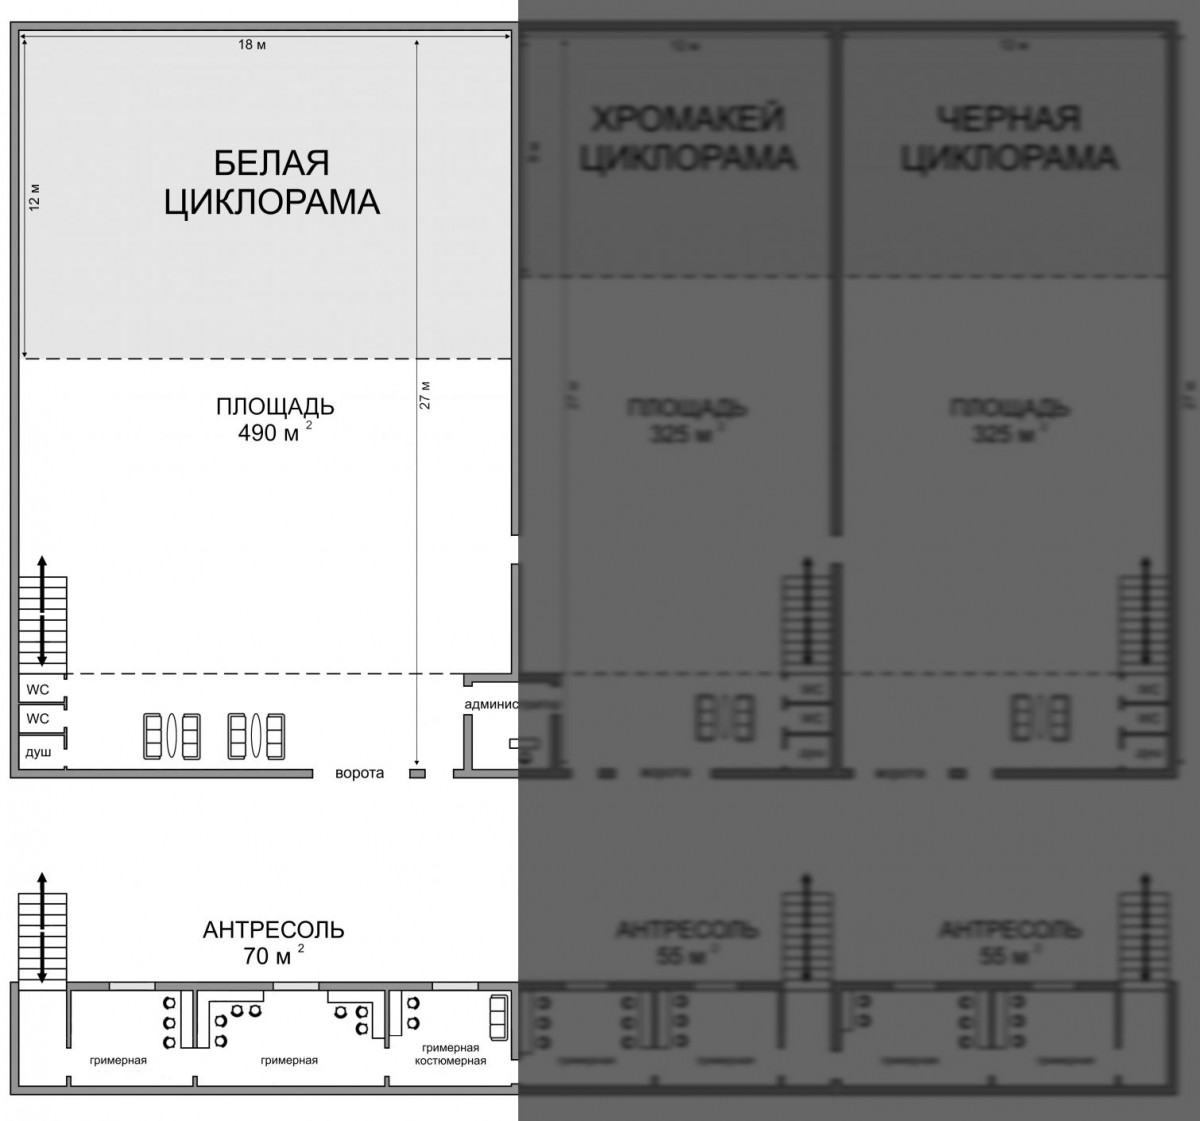 Съемочный павильон №12 (560 м<sup>2</sup>)<br>(Зал с Белой трехсторонней циклорамой)